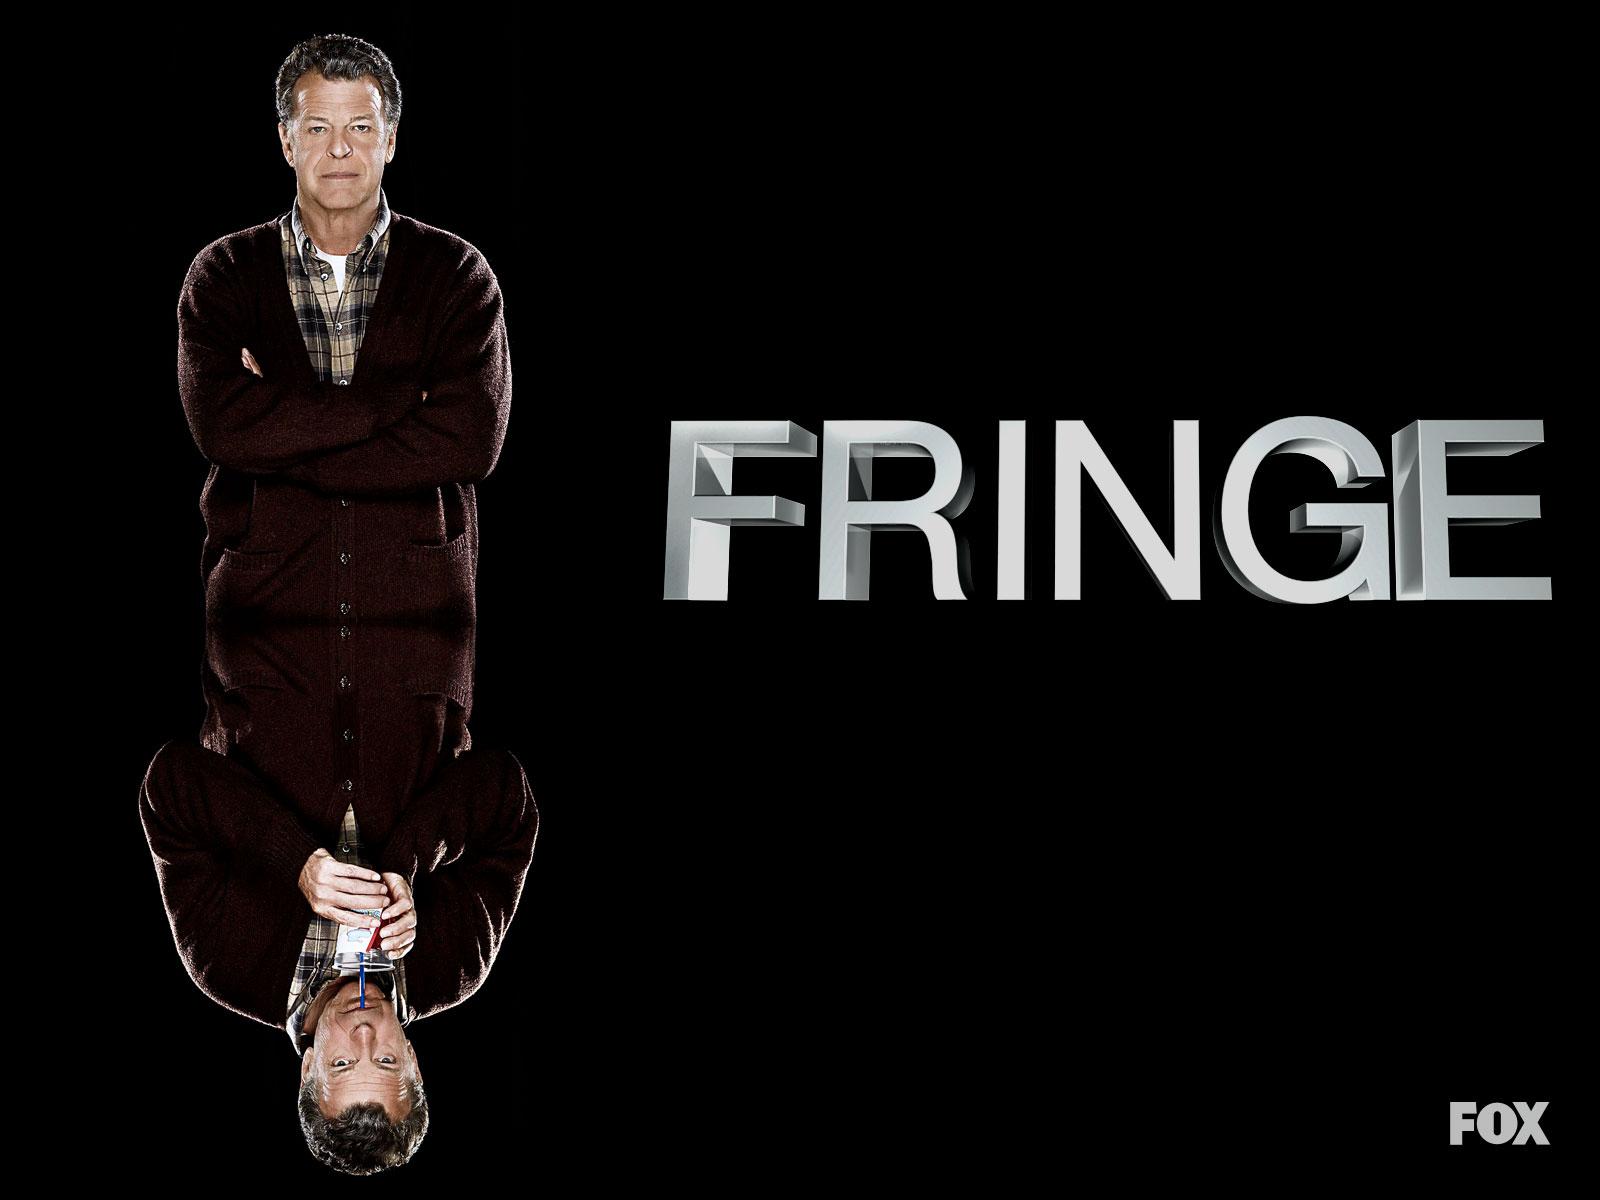 fringe_wallpaper_29